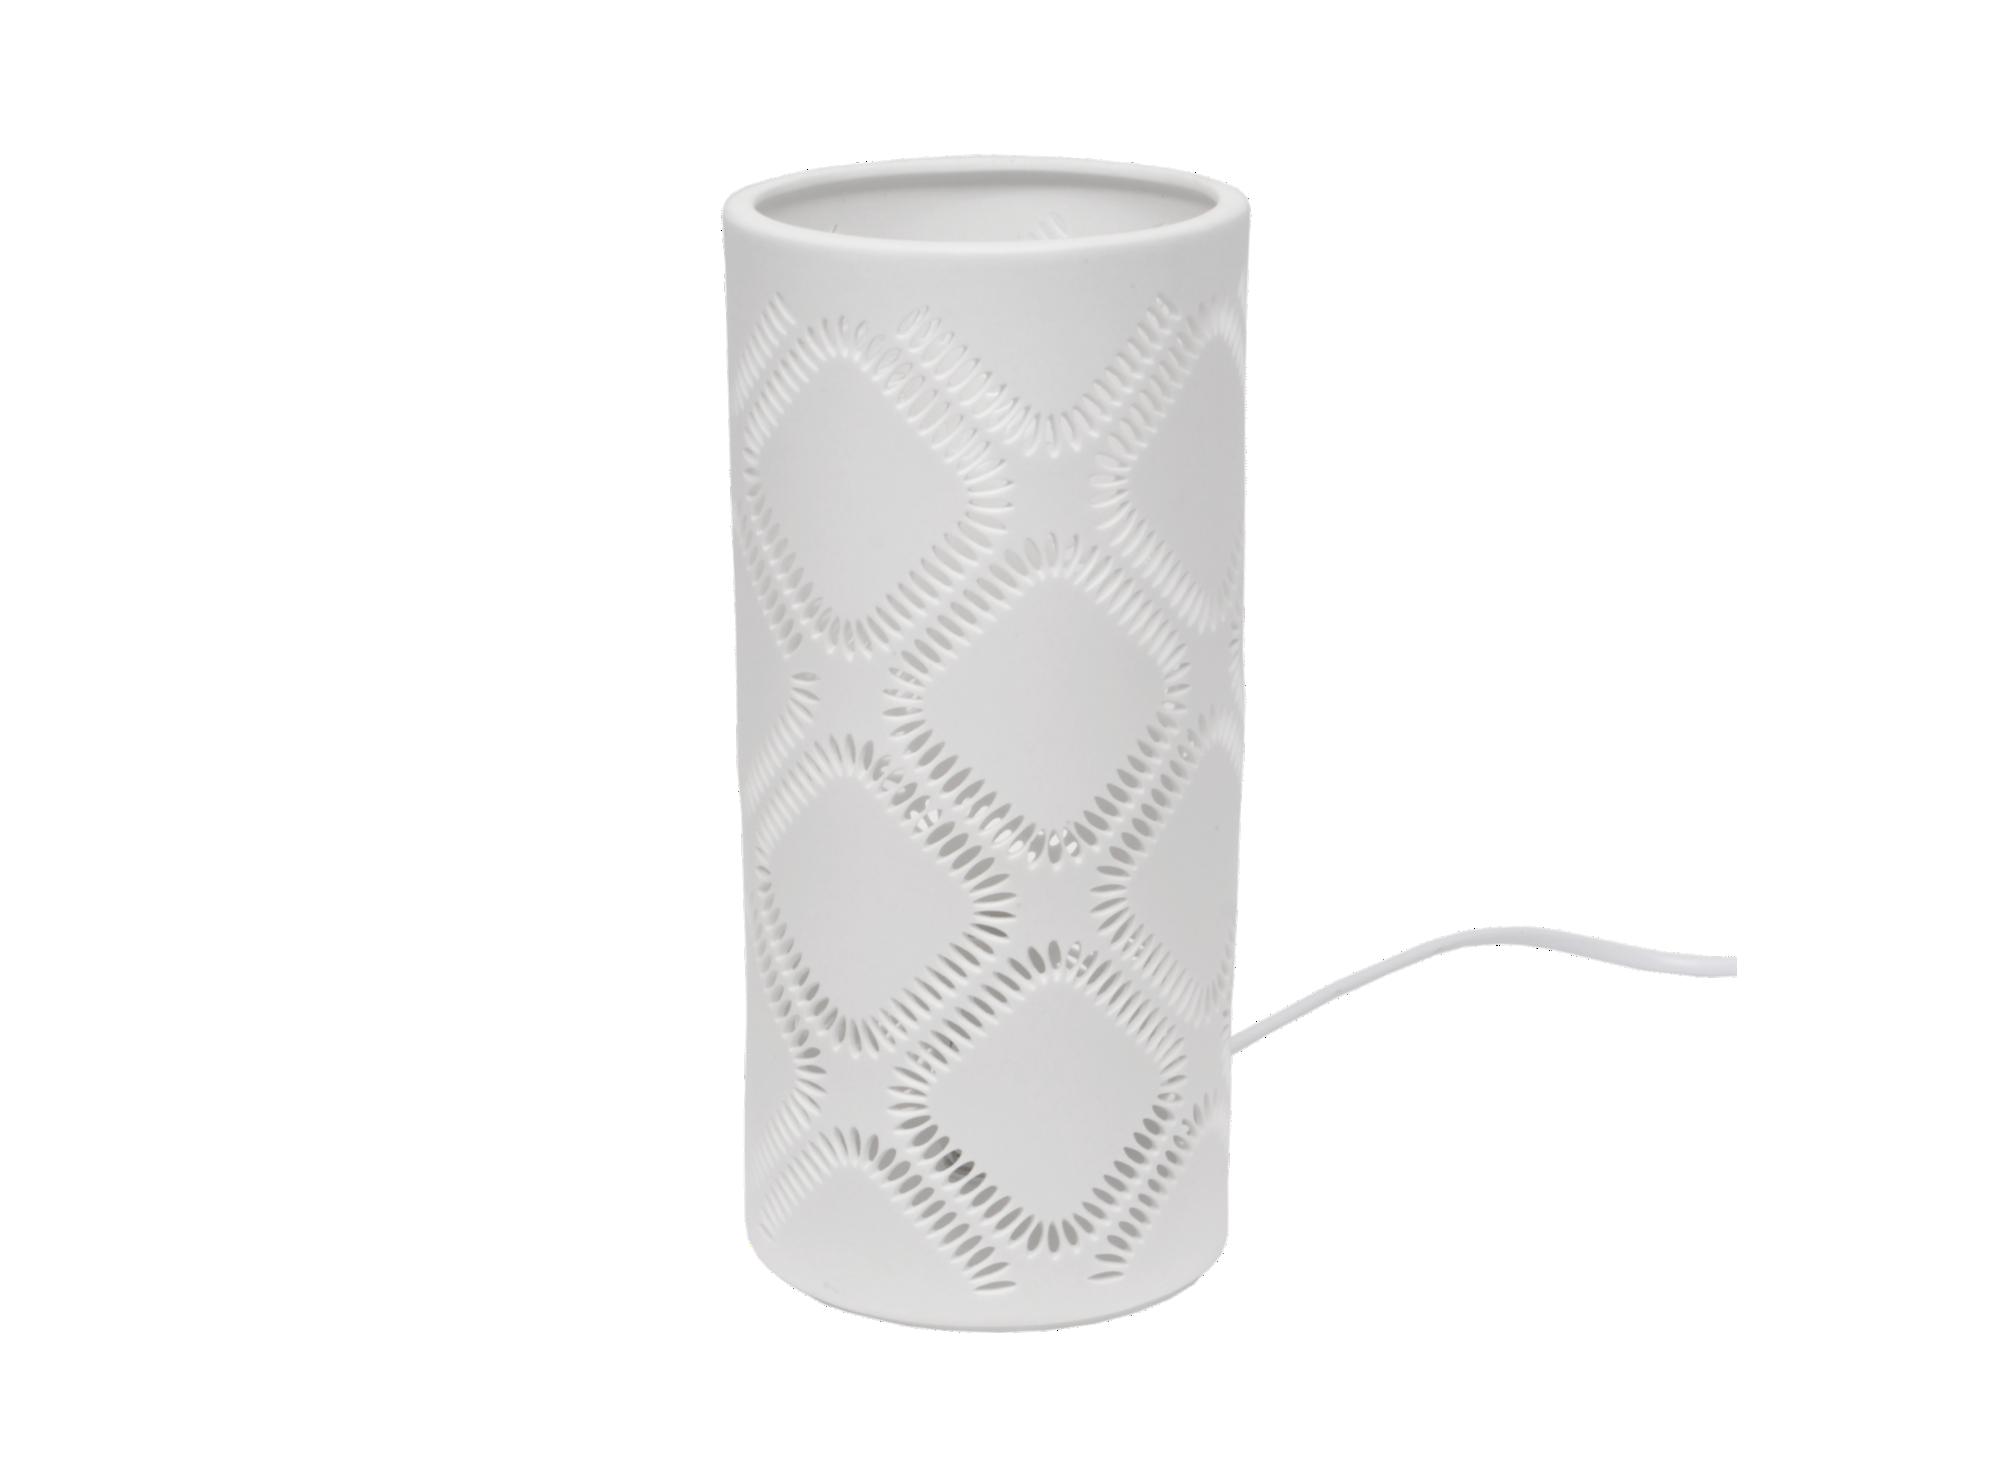 Lampe a poser h24cm blanche forme tube en porcelaine coloris blanc fi ...